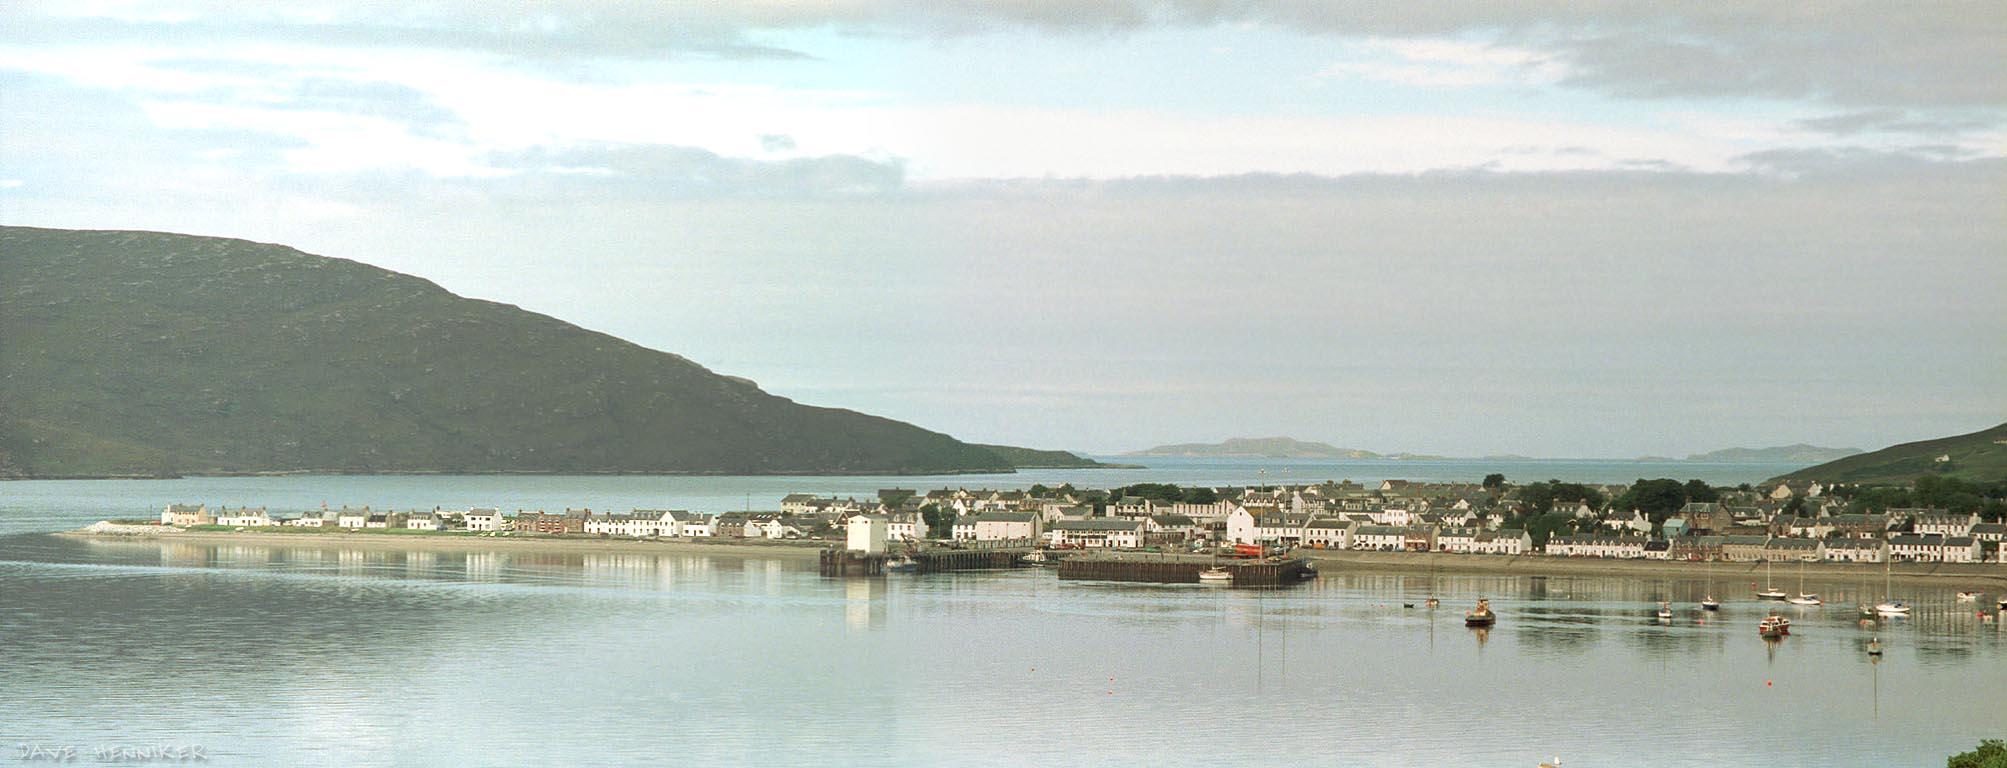 ullapool-panorama 2007 x 768